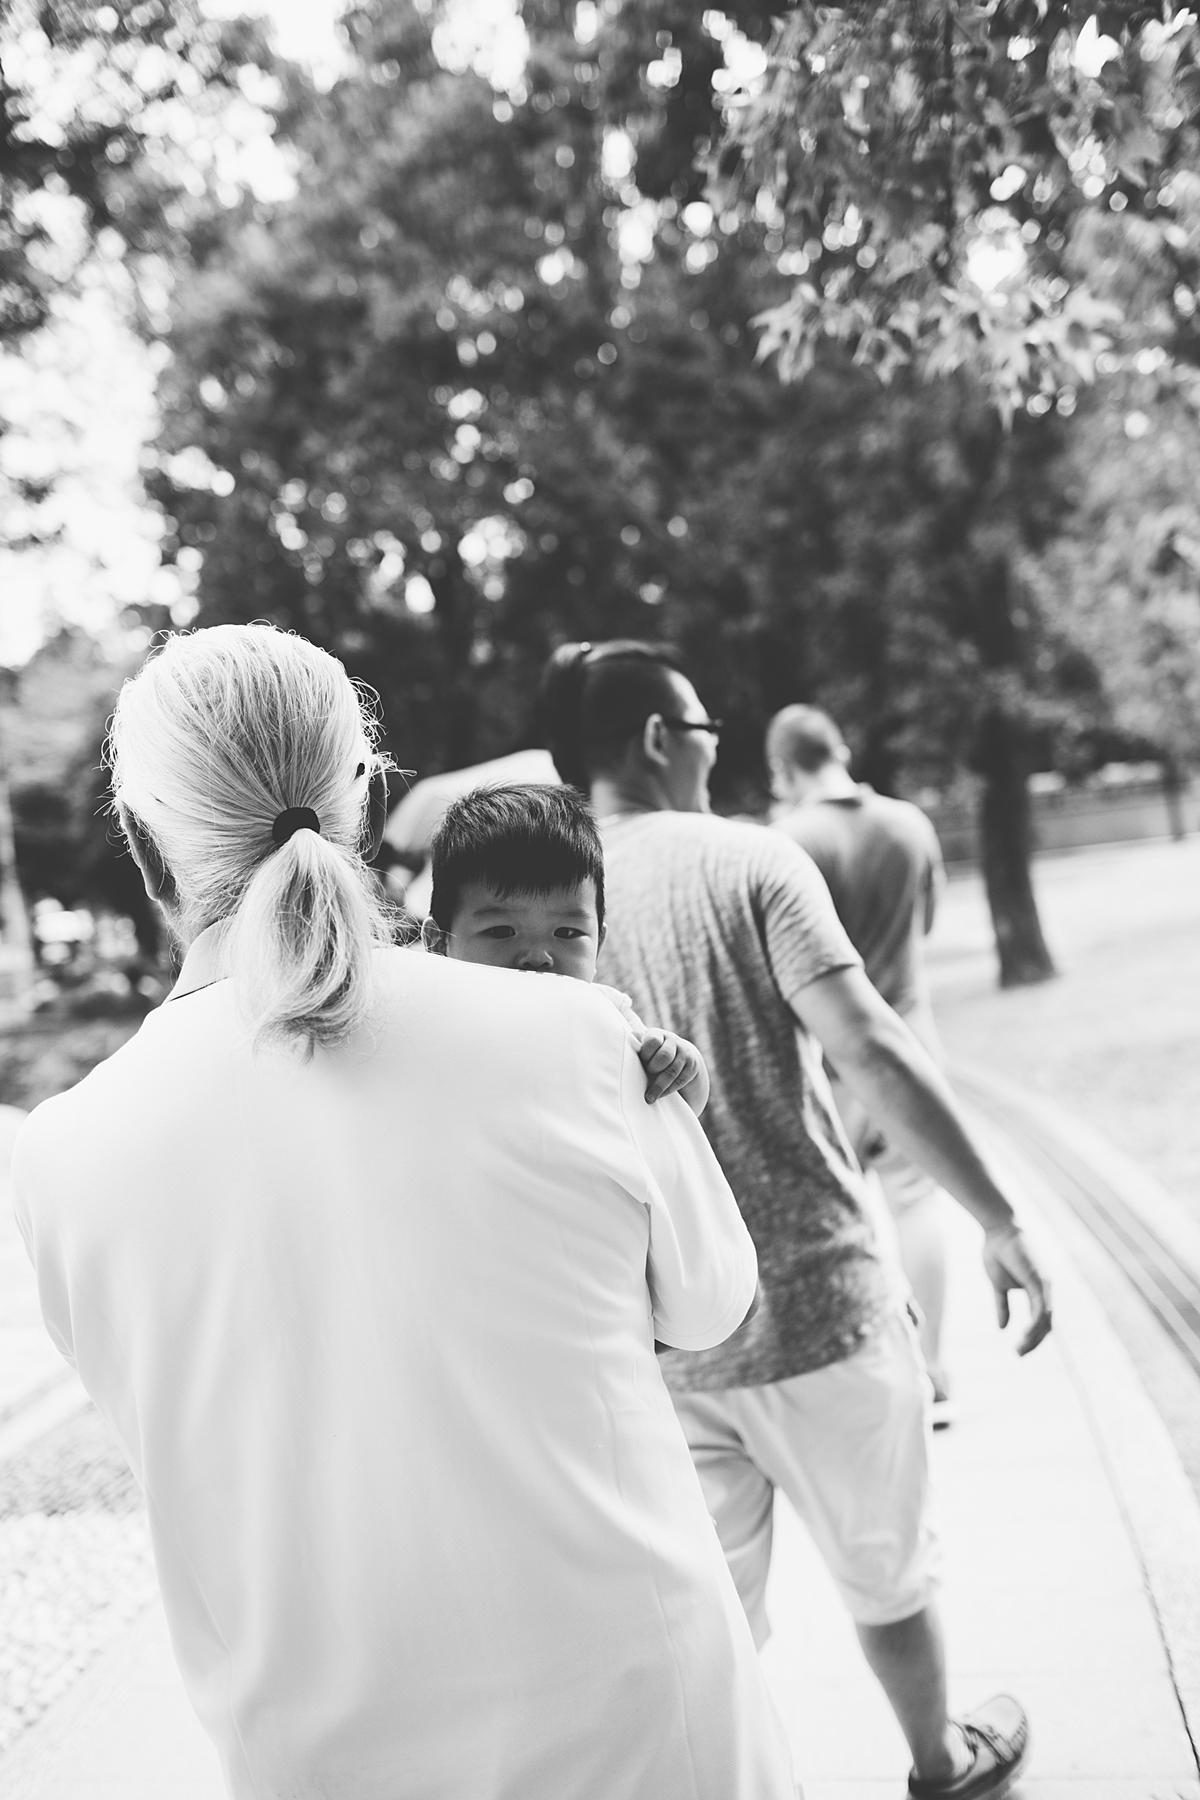 家庭記錄,親子記錄,桃園,中壢,中壢藝術館,底片風格,自然